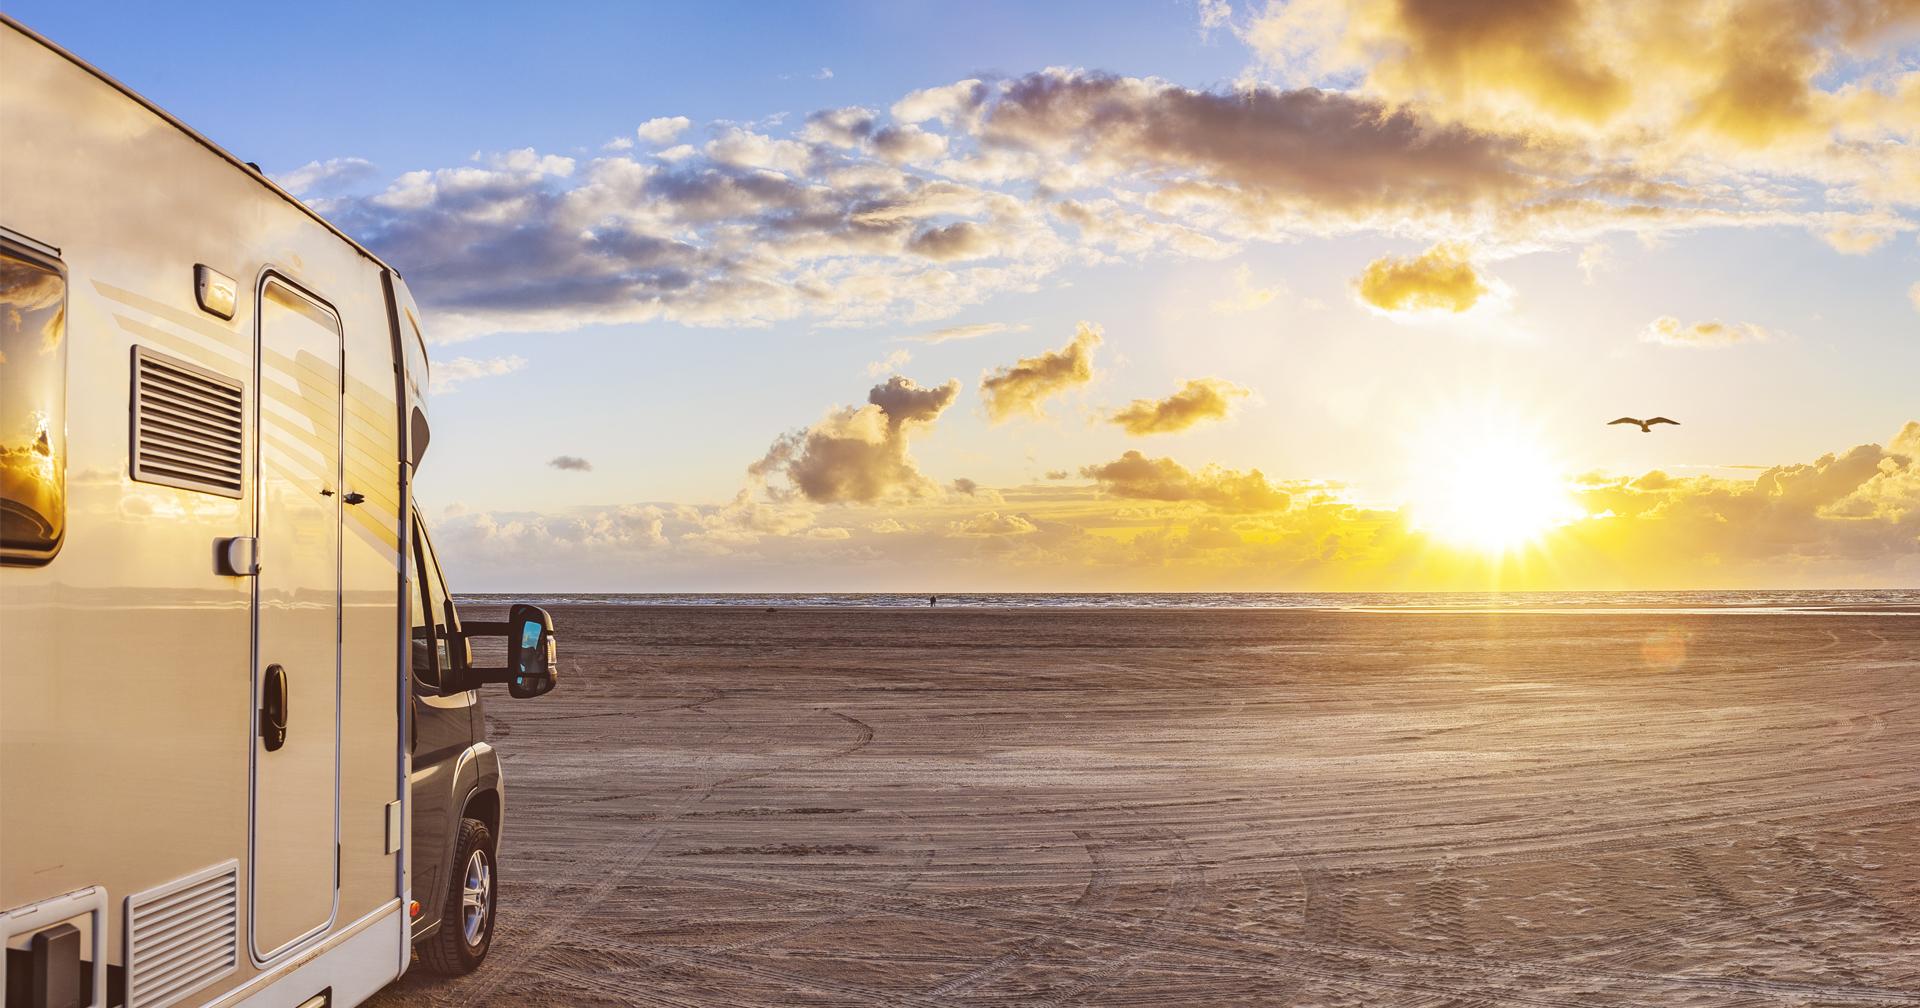 Elektrifizierung von Caravans - Sind Reisemobile bald leise und umweltfreundlich?